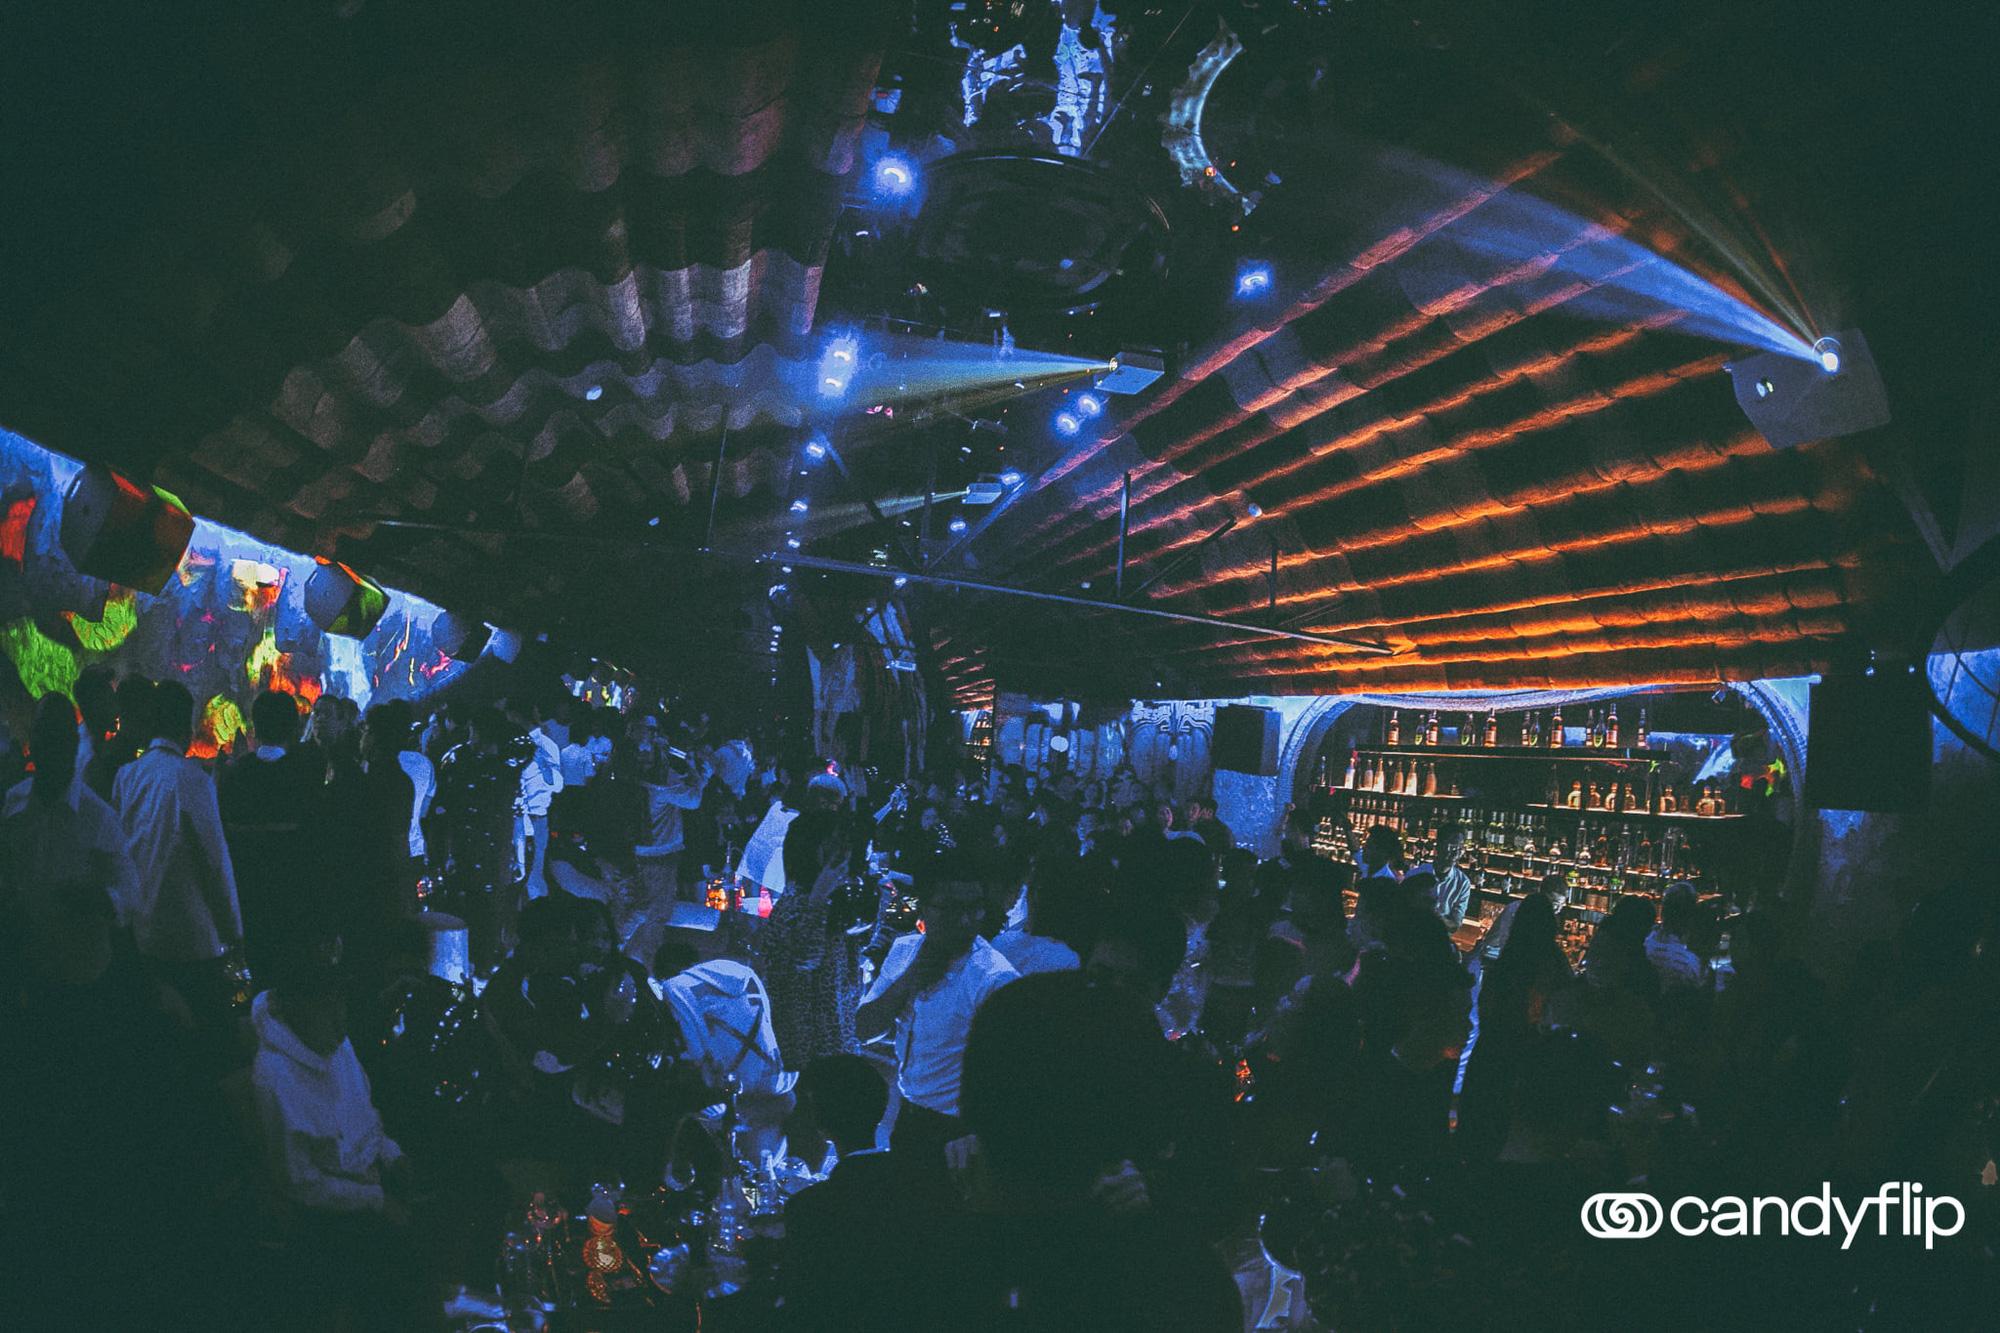 Tâm điểm sự kiện cuối tuần: Xôn xao chàng DJ bí ẩn xuất hiện giữa tiệc sinh nhật đình đám của nàng hot TikToker Lê Bống - Ảnh 6.